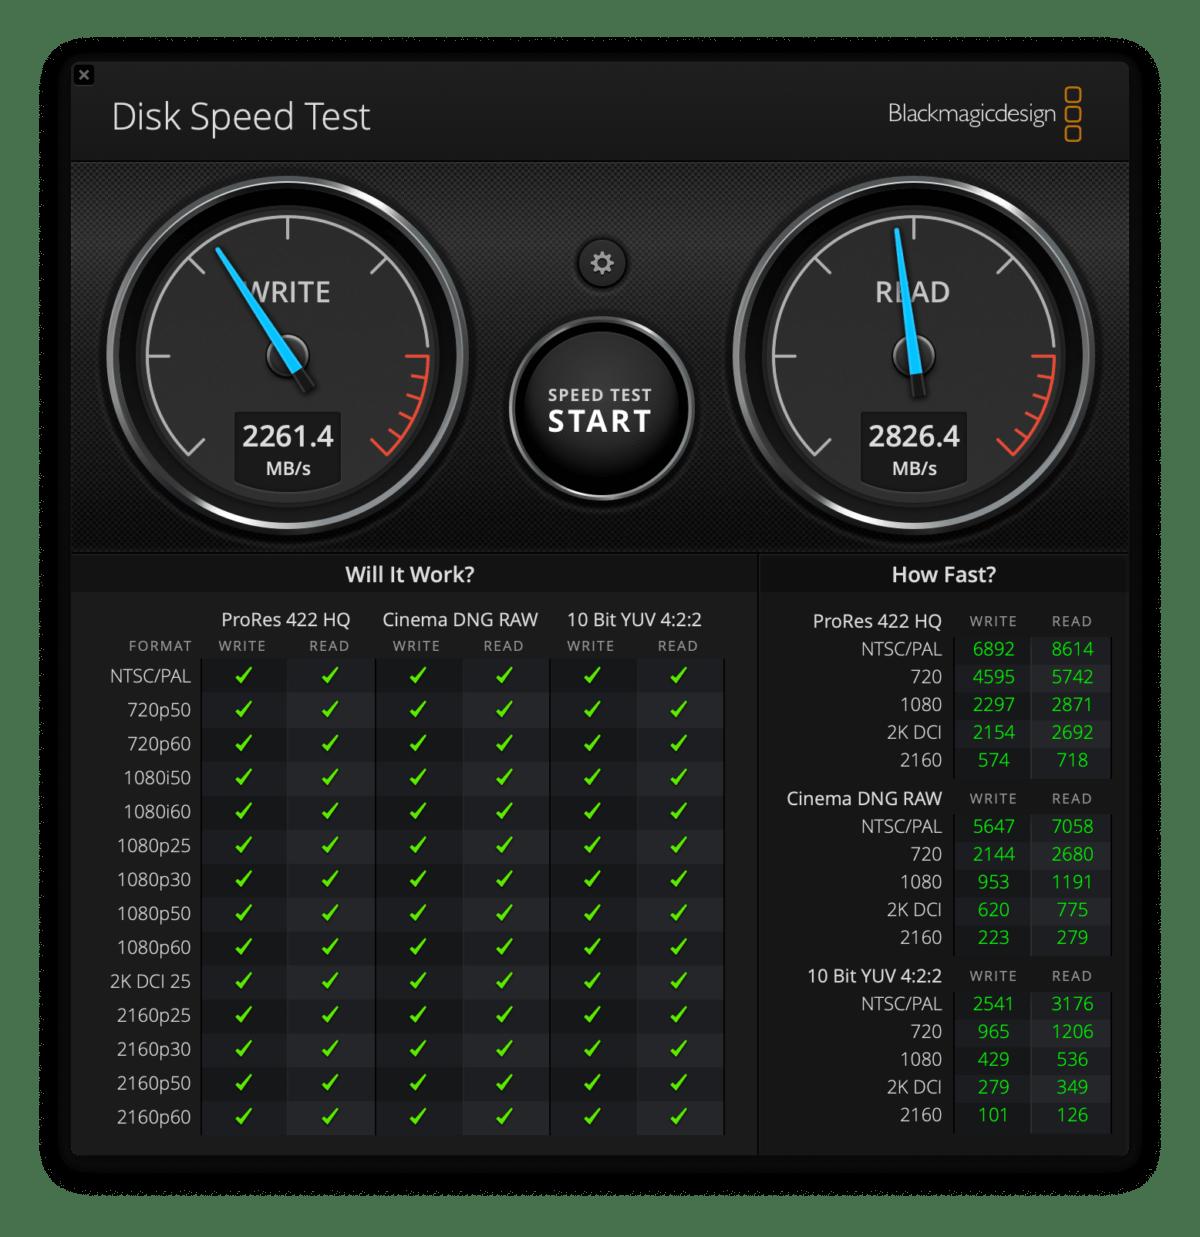 Les performances du SSD mesurées en lecture et en écriture